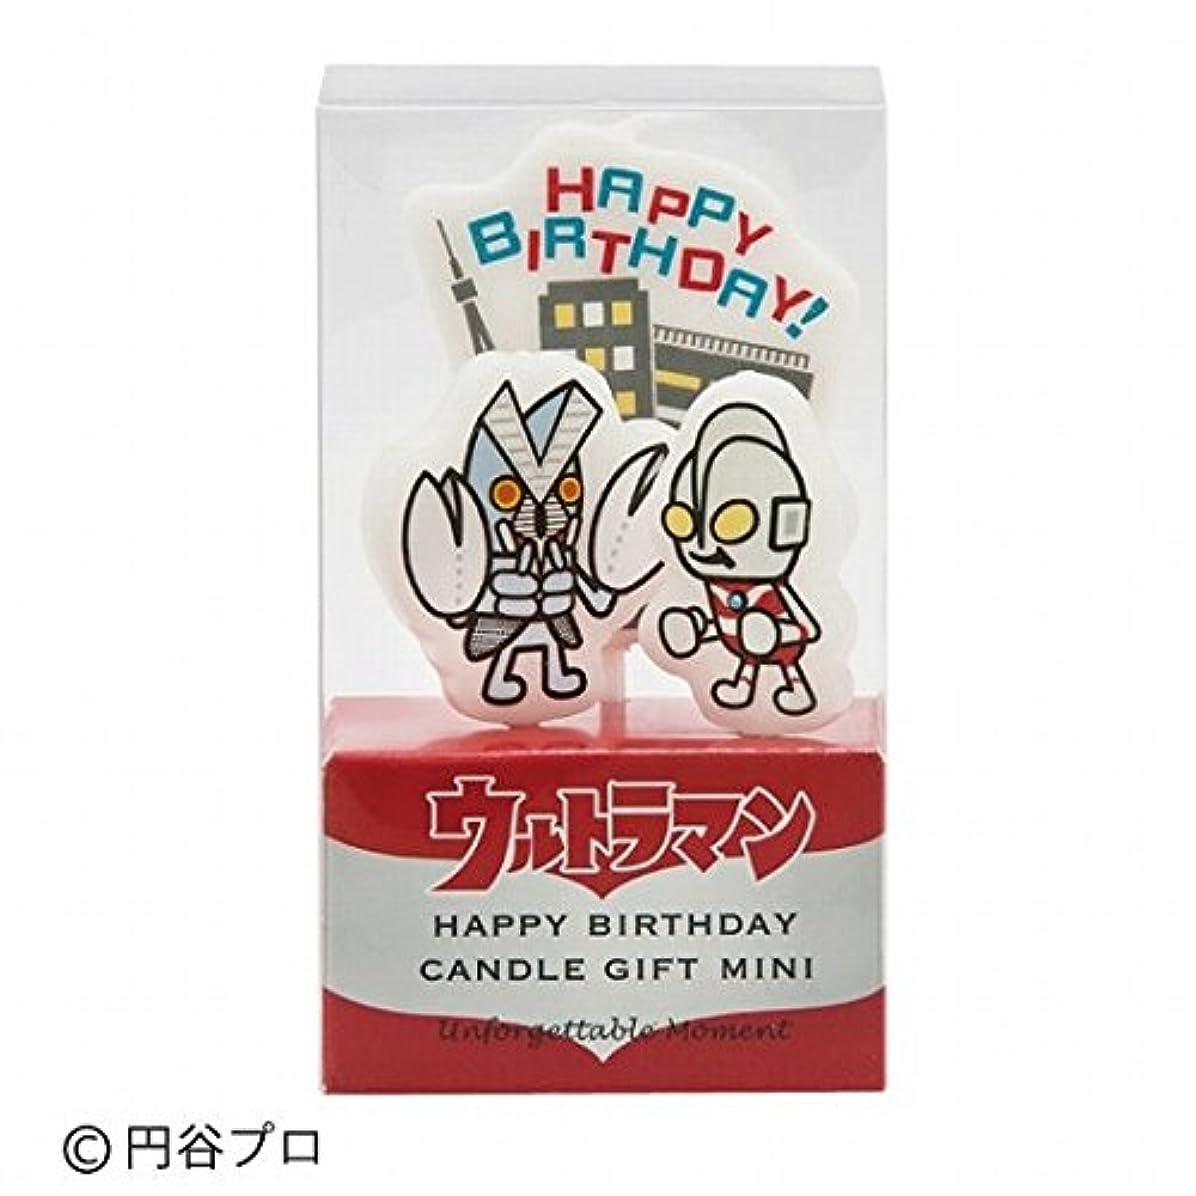 カメヤマキャンドル(kameyama candle) ウルトラマンキャンドルギフトミニ 「 ハッピーバースデー 」